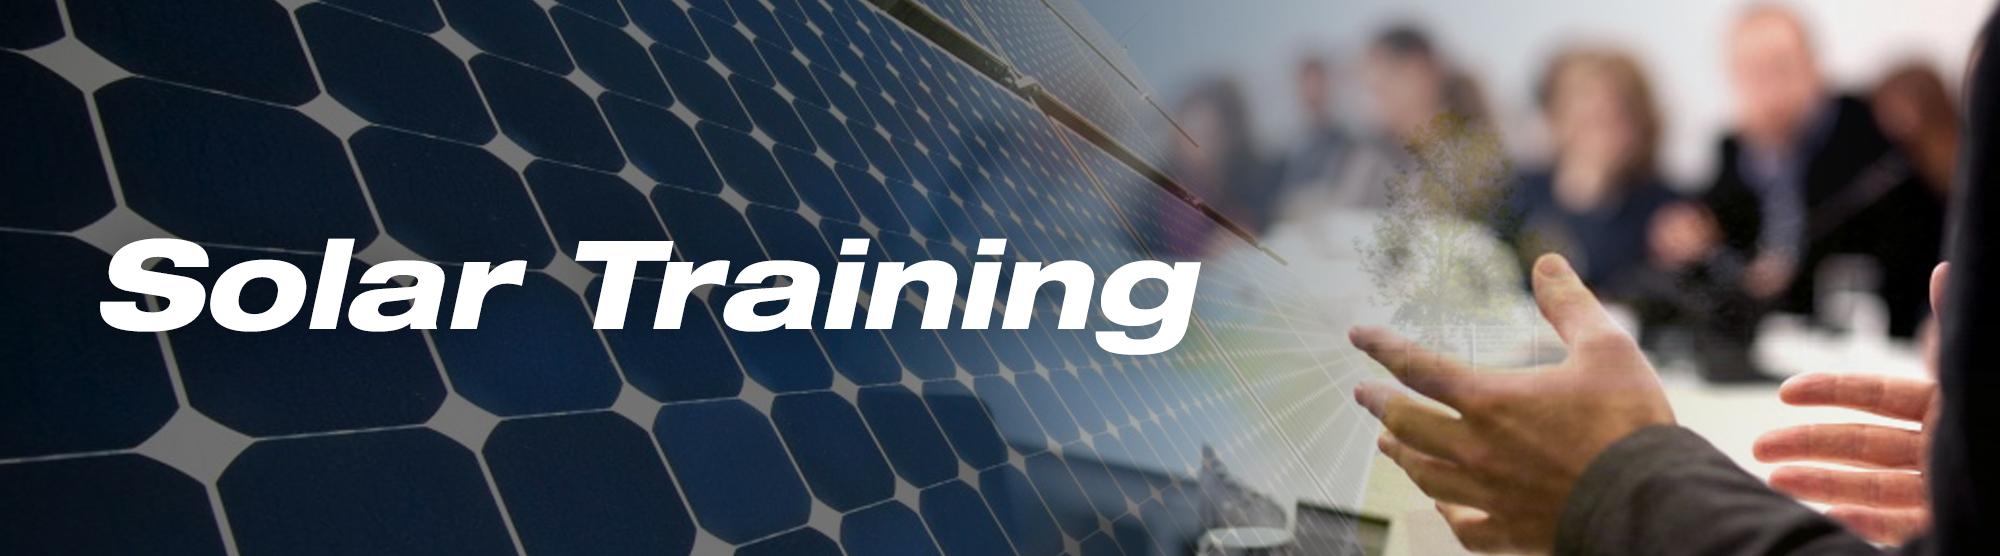 banner_Training.jpg